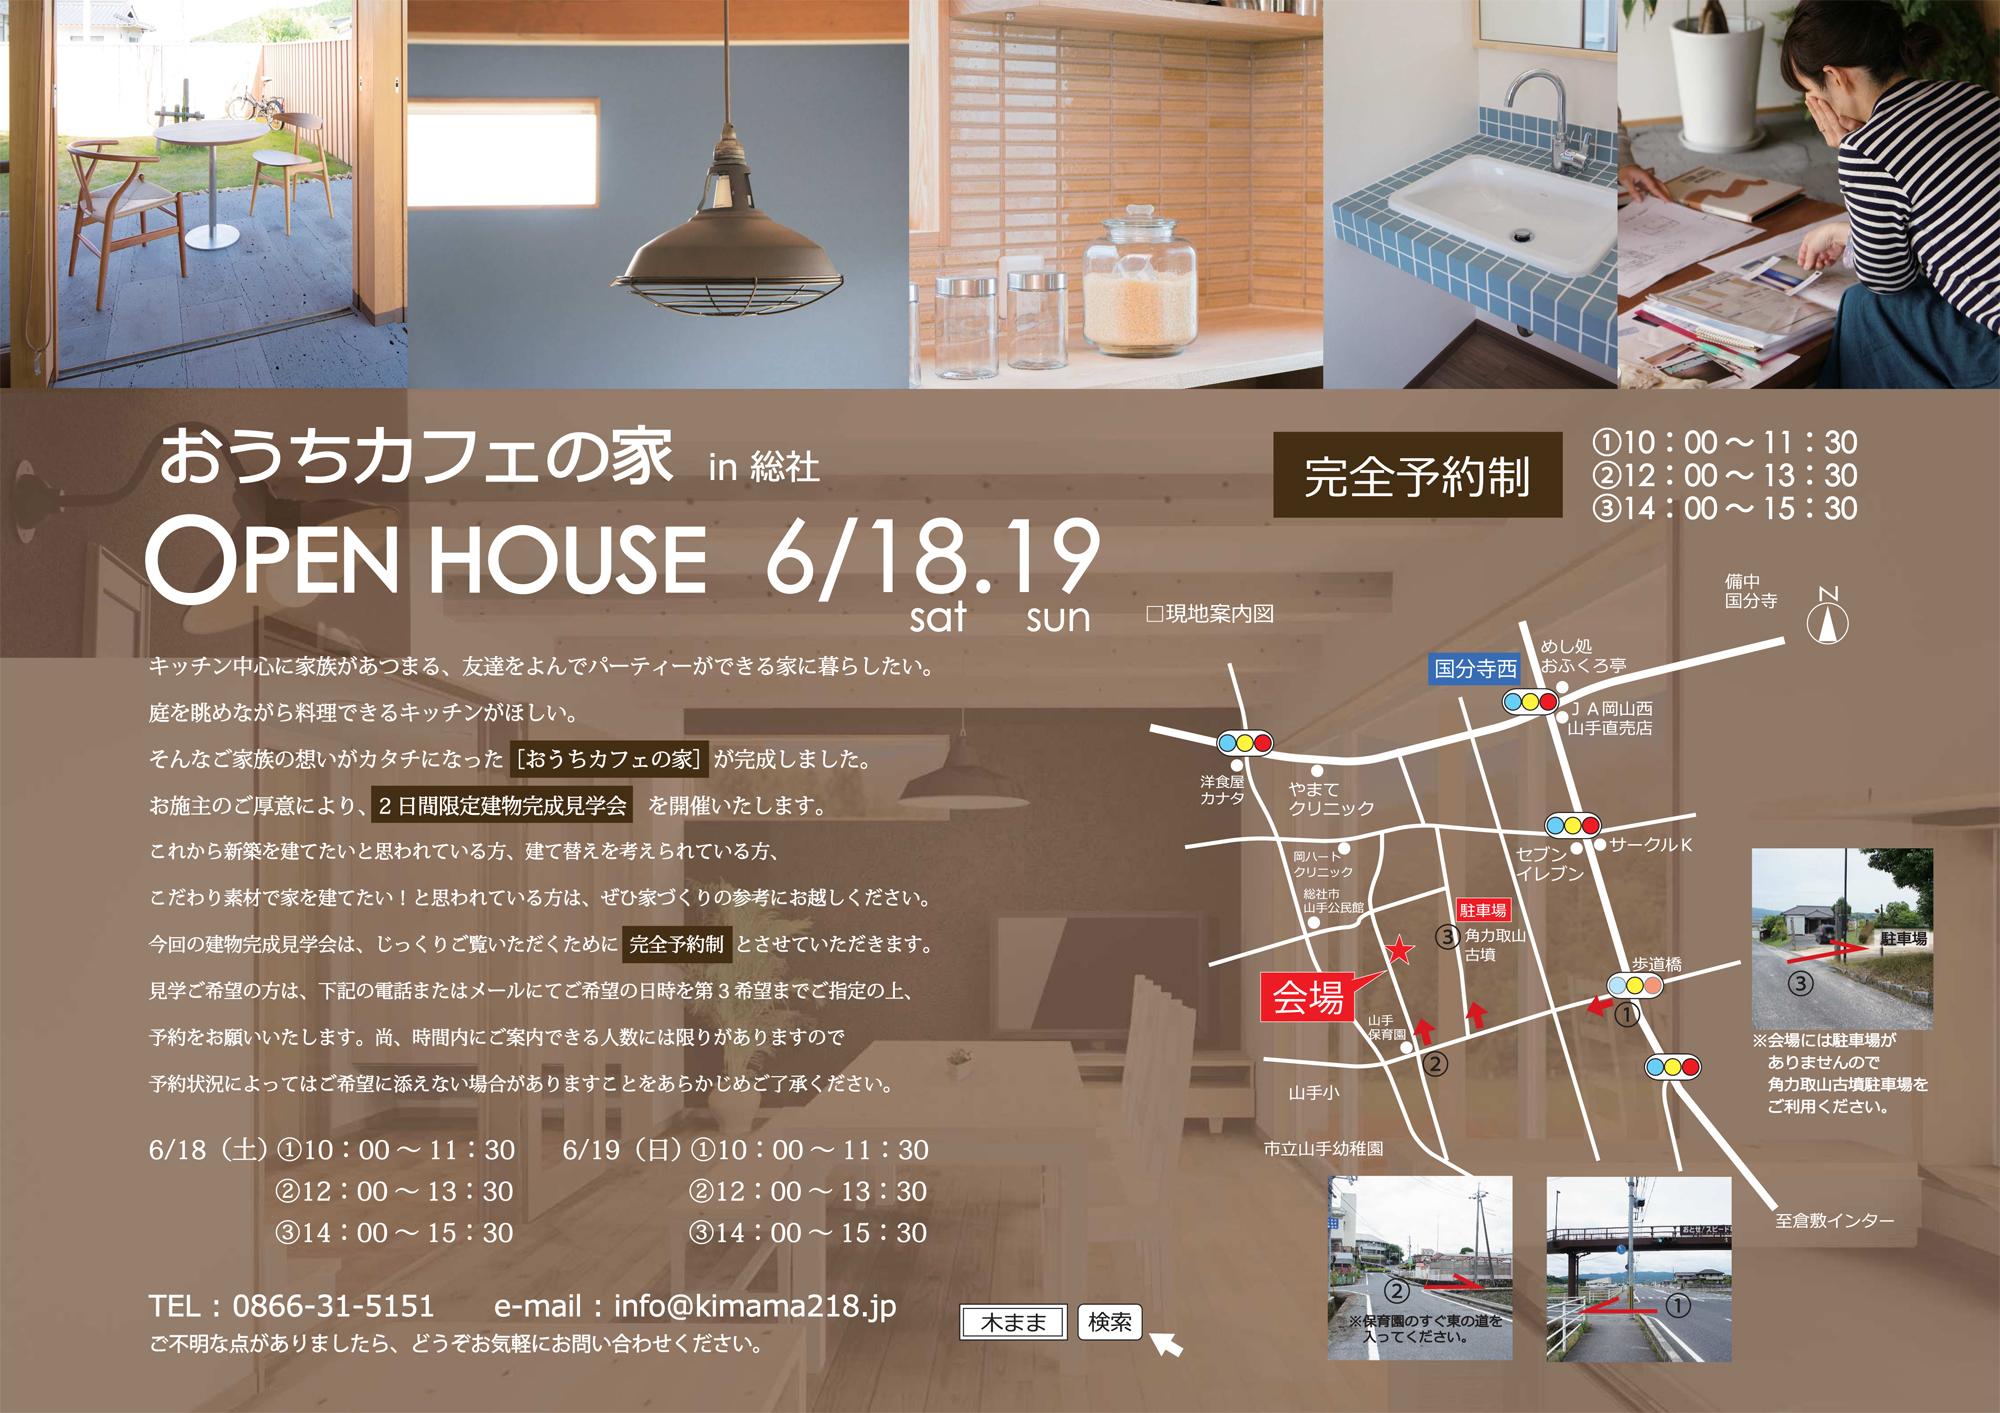 岡山での住宅完成見学会28 6 18 19 おうちカフェの家-1